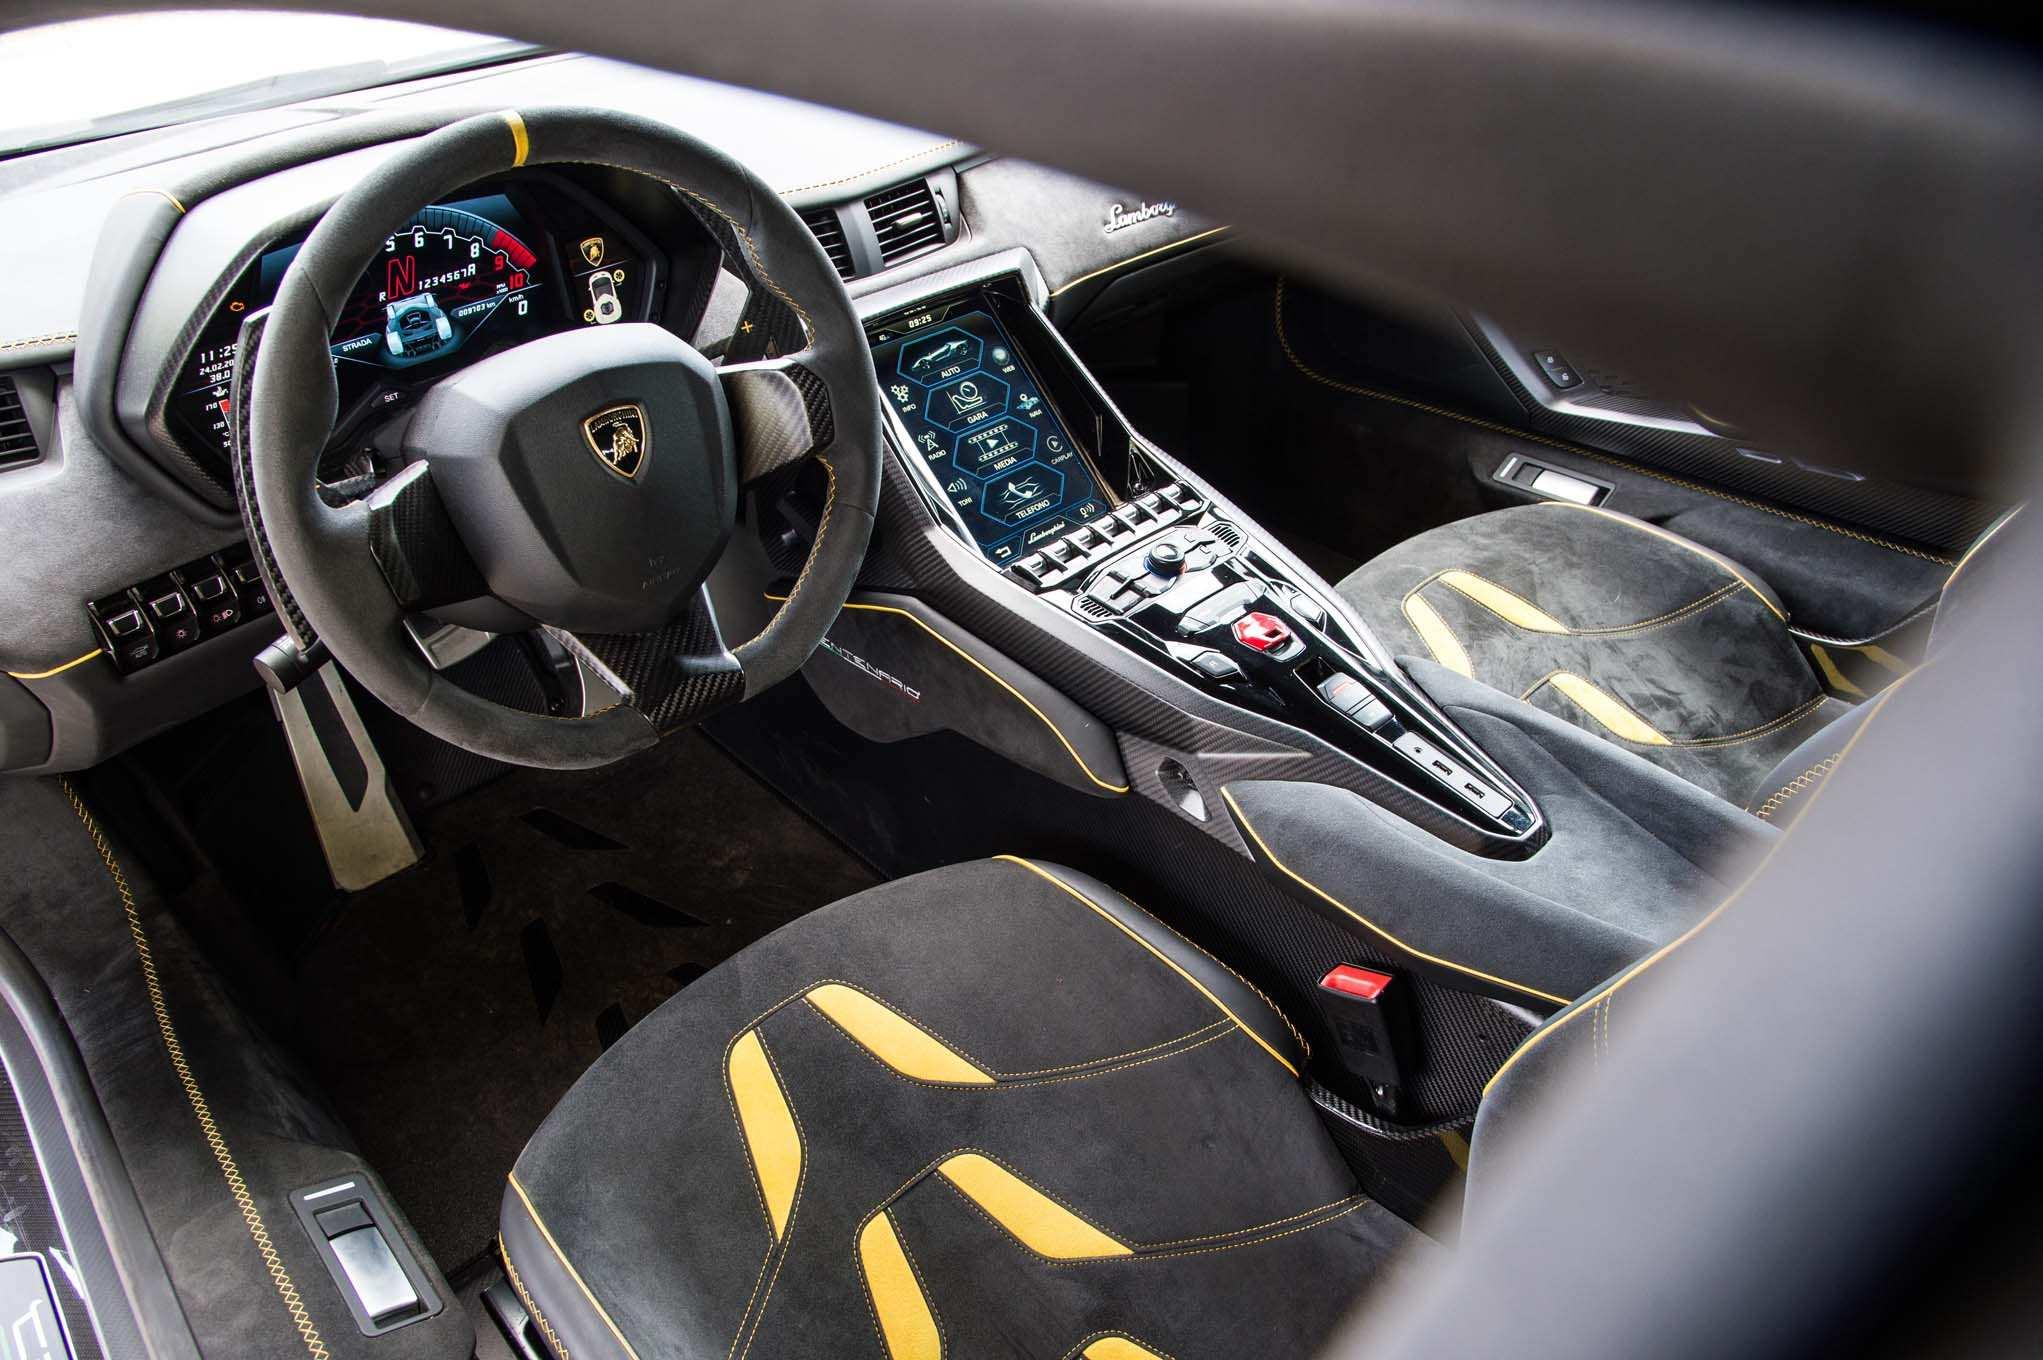 82 New 2019 Lamborghini Centenario New Review with 2019 Lamborghini Centenario